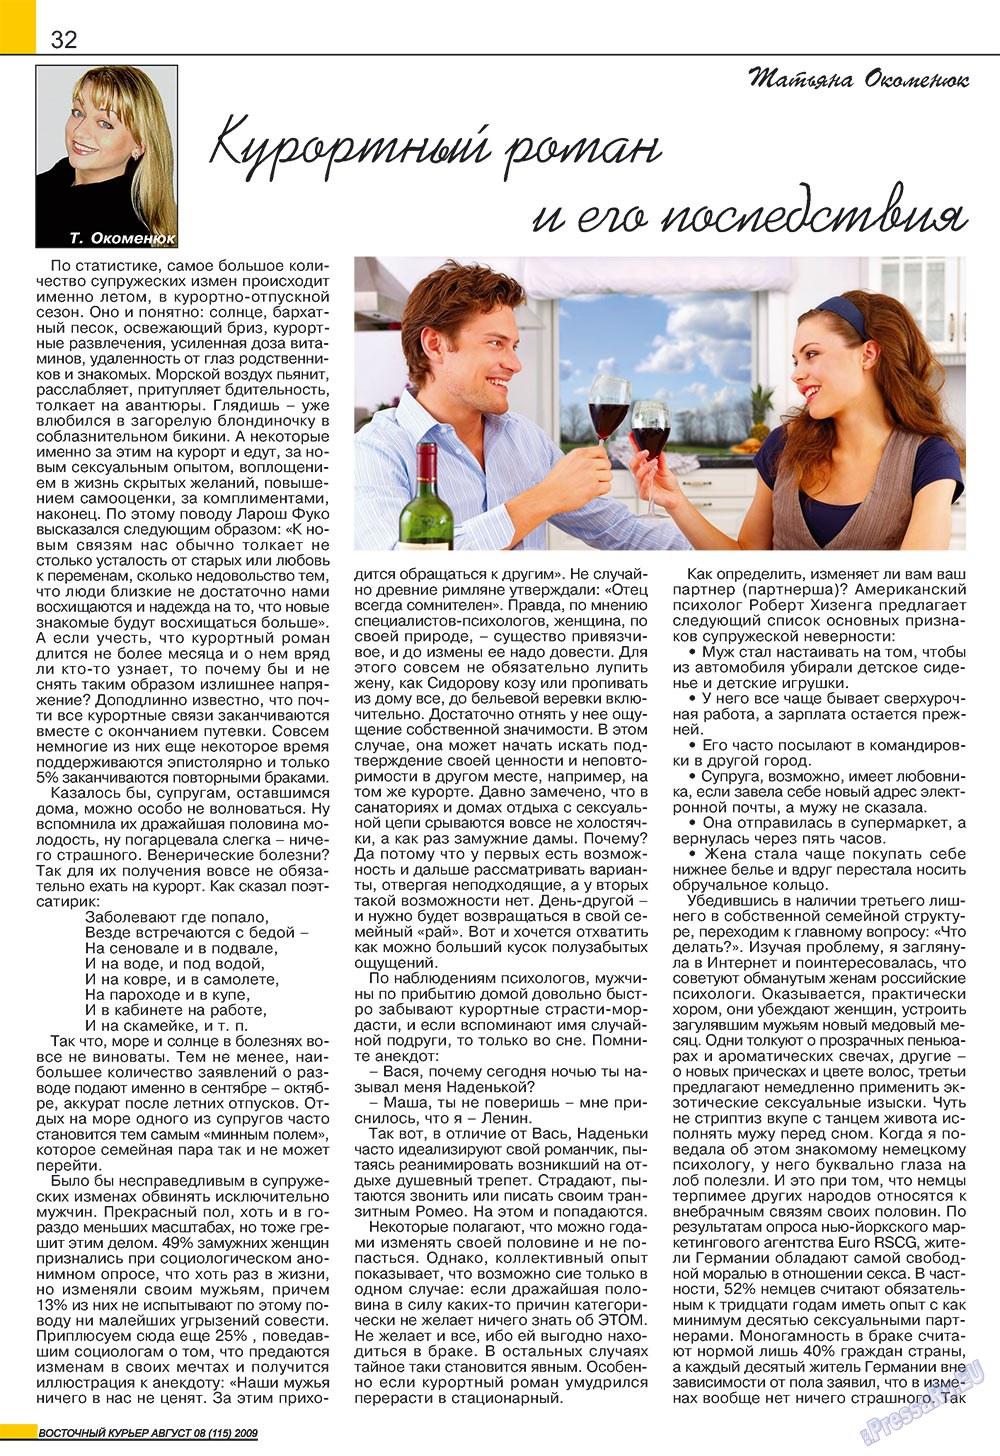 Восточный курьер (журнал). 2009 год, номер 8, стр. 32